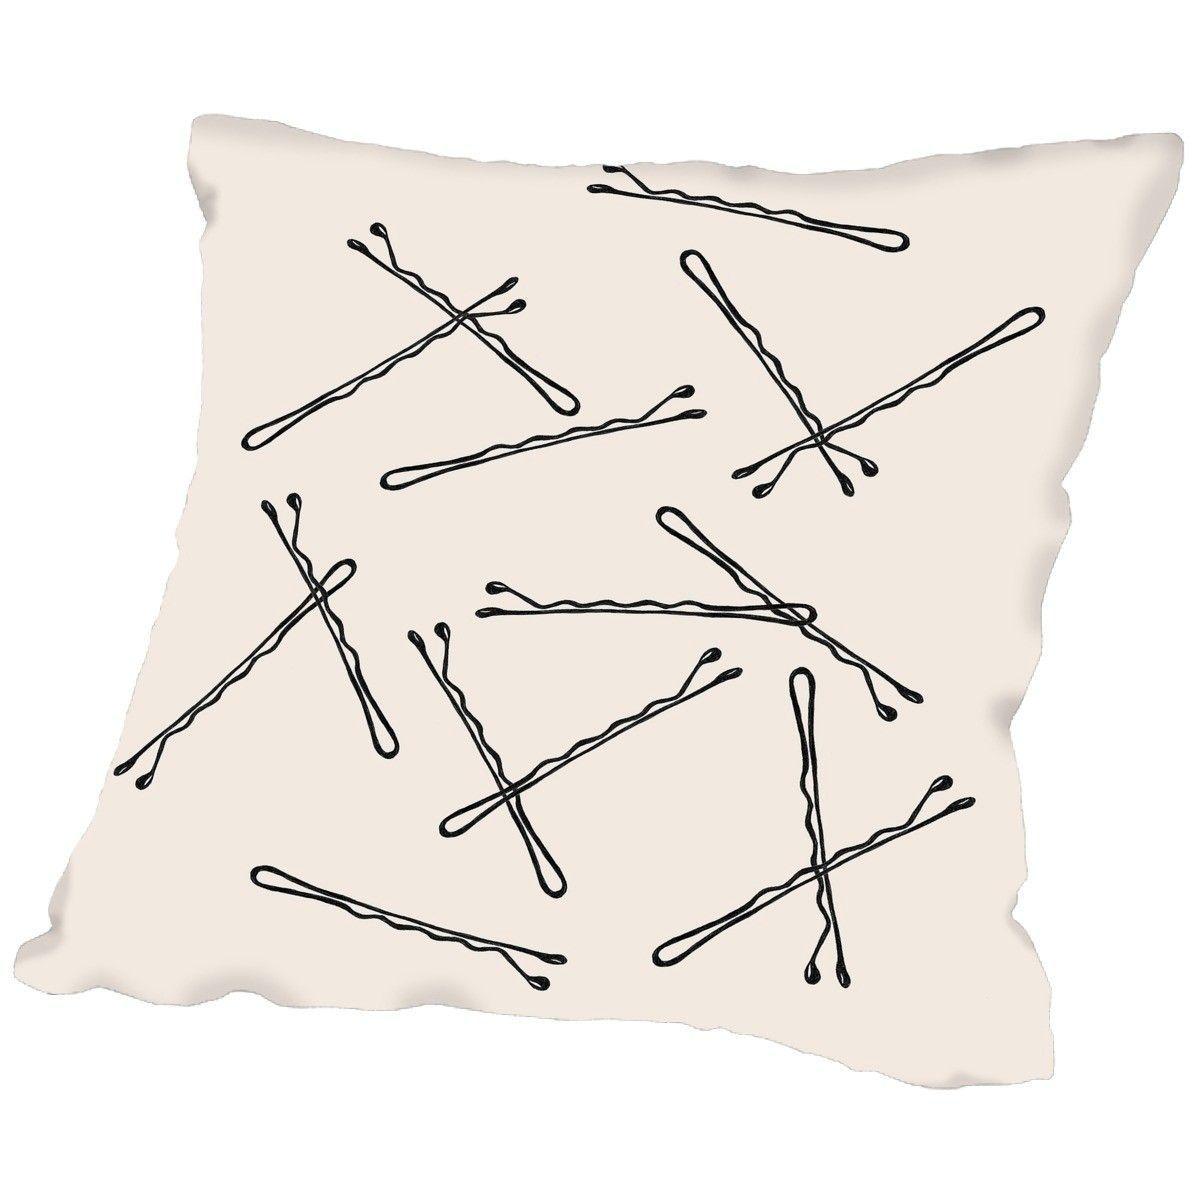 Peach & Gold Bobby Pins Throw Pillow